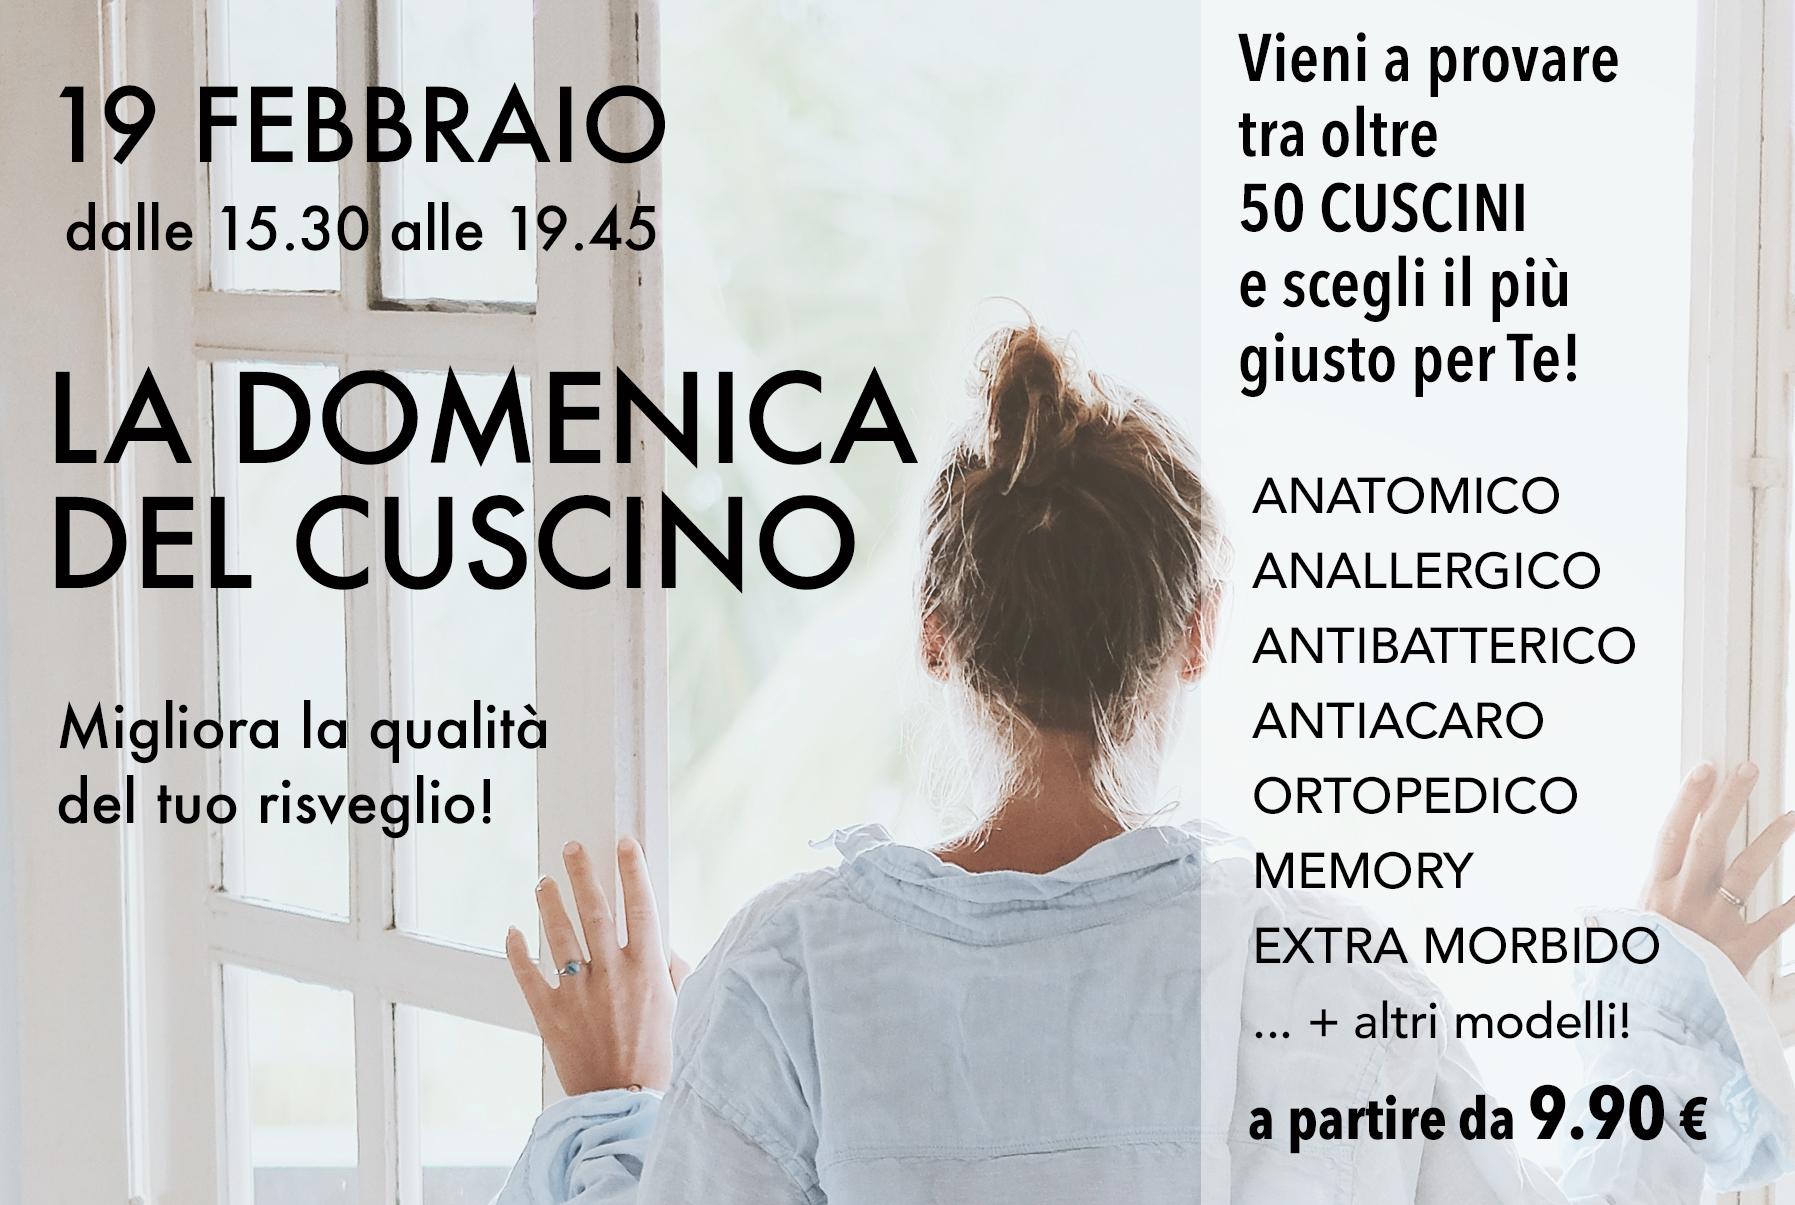 Domenica del Cuscino - EVENTO.jpg